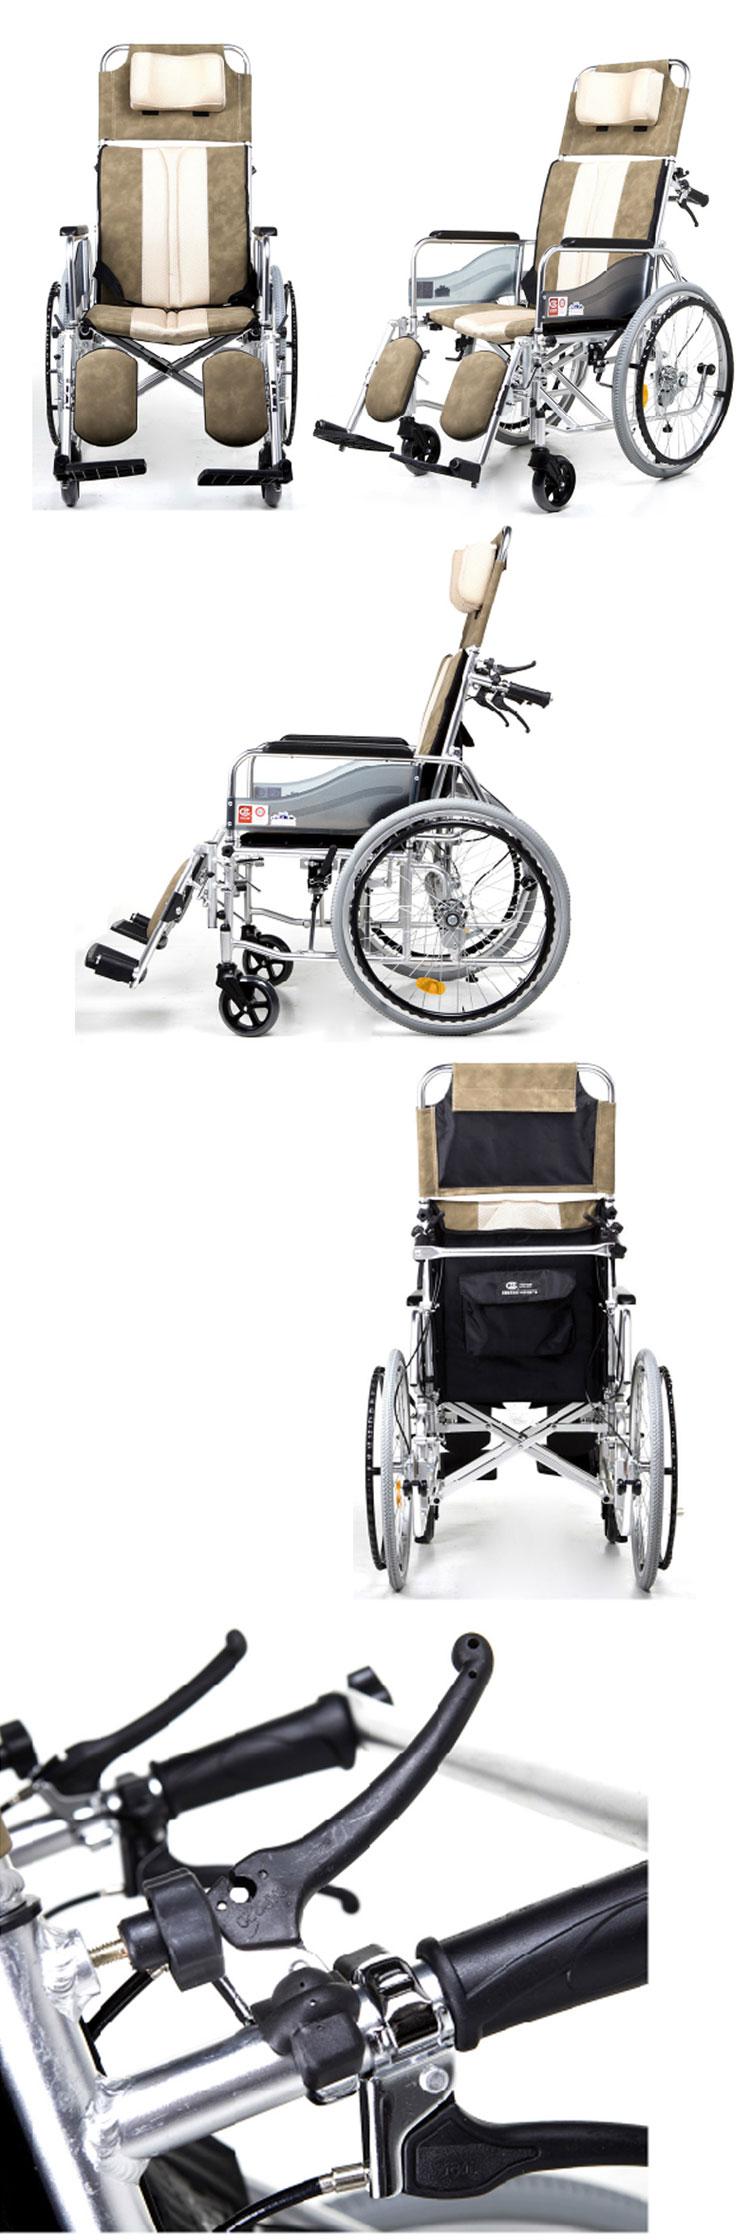 西安轮椅鱼跃H008产品展示